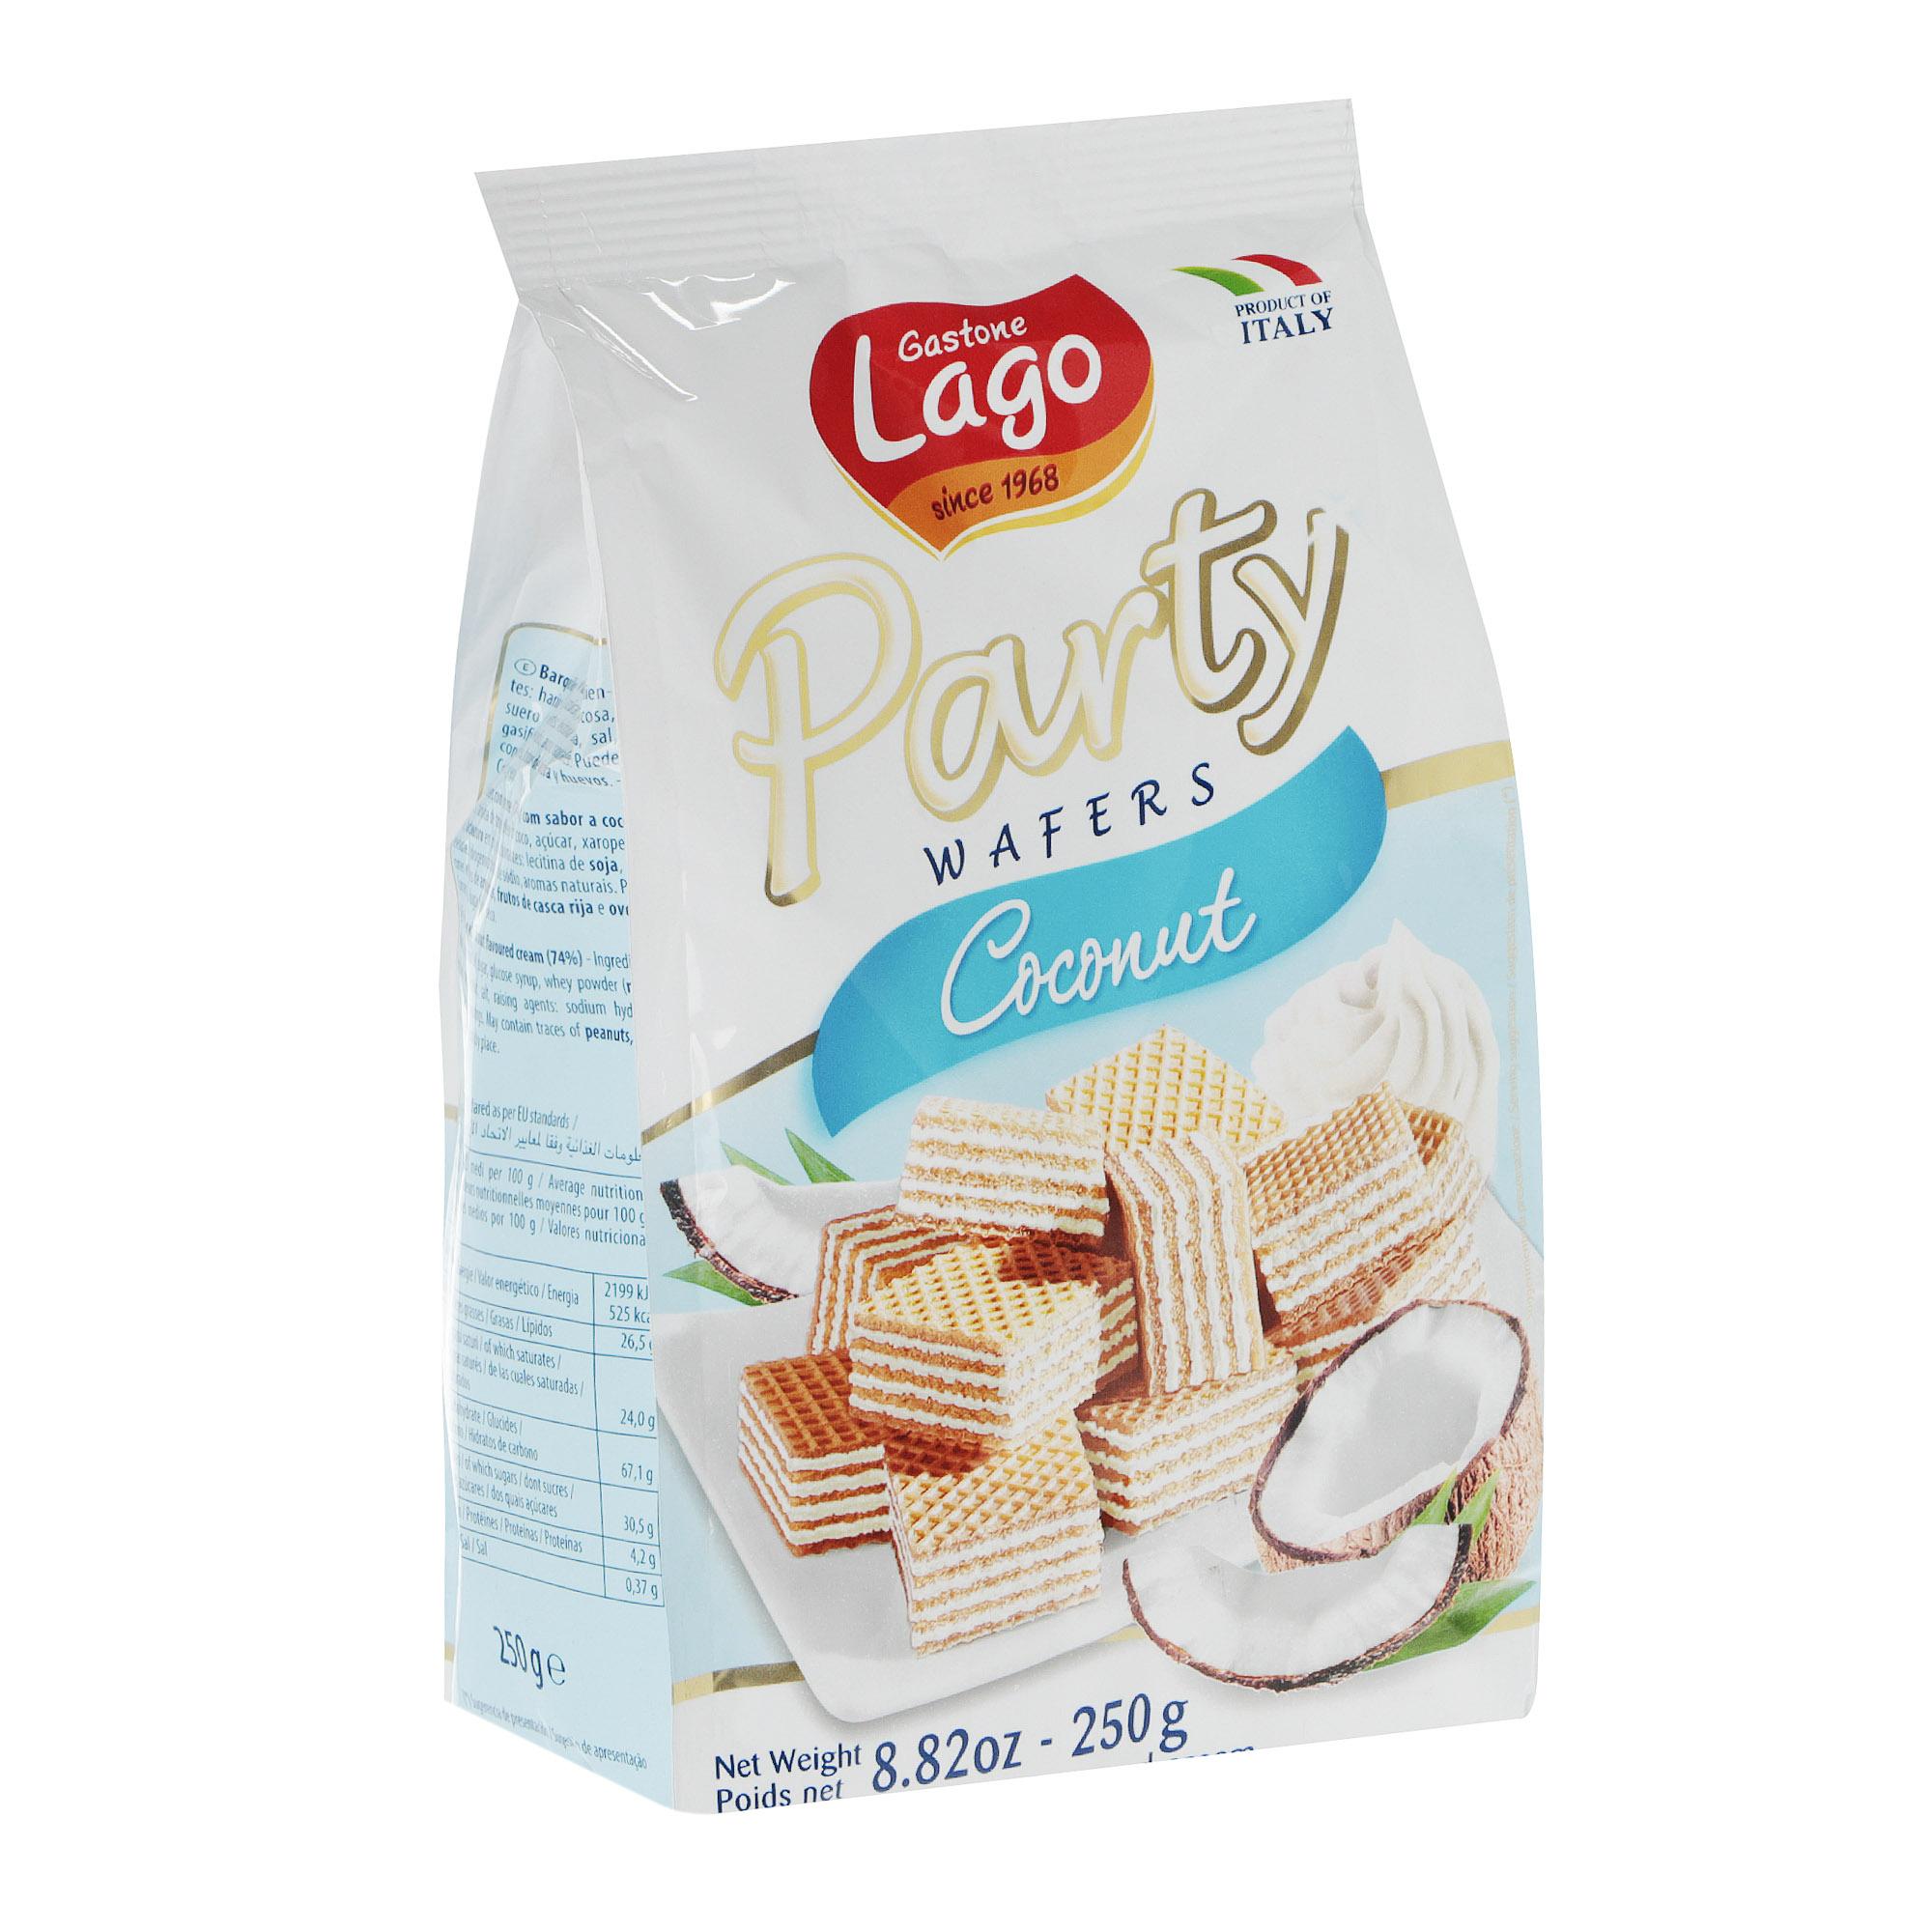 Вафли Gastone Lago с кокосовой начинкой, 250 г недорого